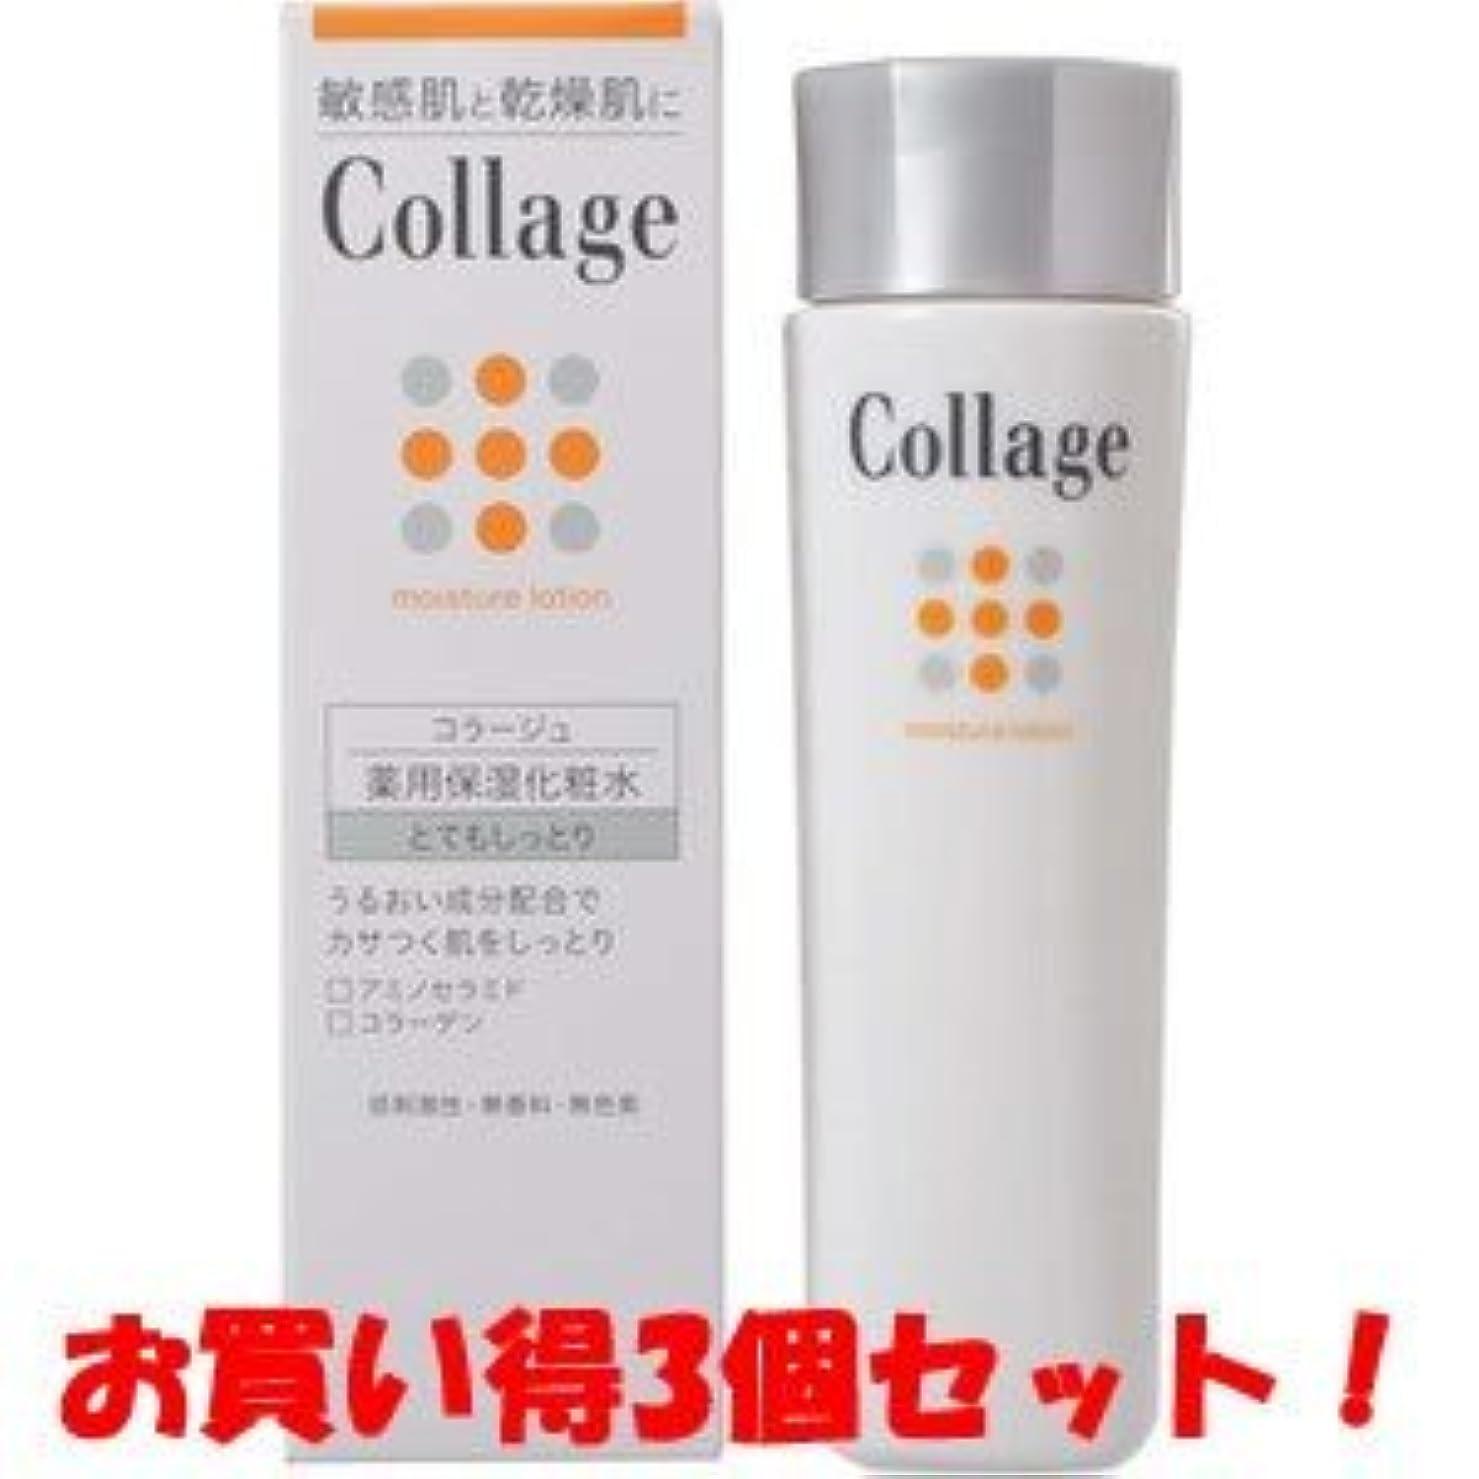 ジャグリング決定導出(持田ヘルスケア)コラージュ 薬用保湿化粧水 とてもしっとり 120ml(医薬部外品)(お買い得3個セット)